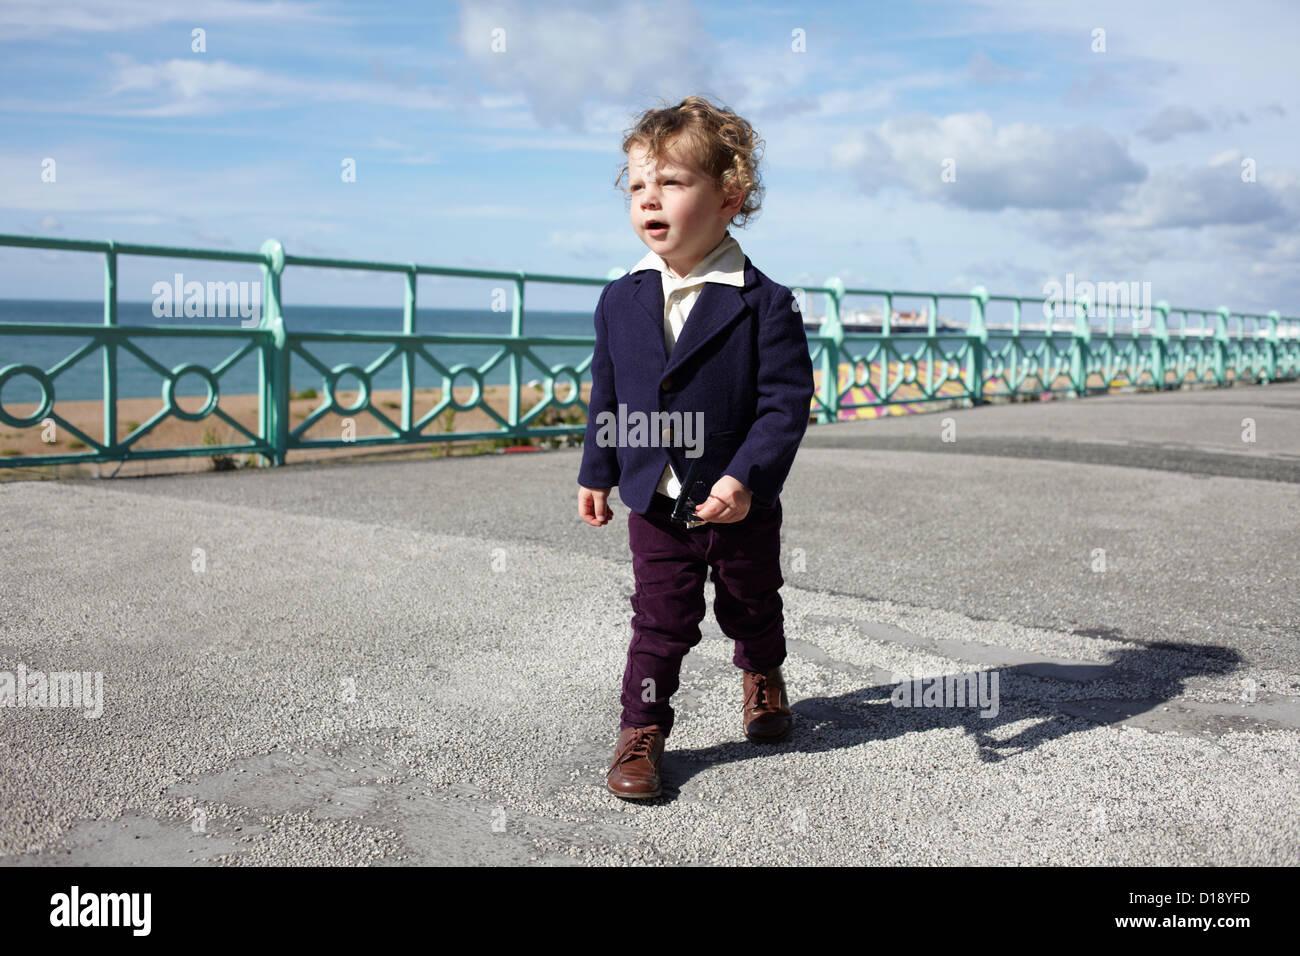 Little boy walking promenade in mod clothing Stock Photo